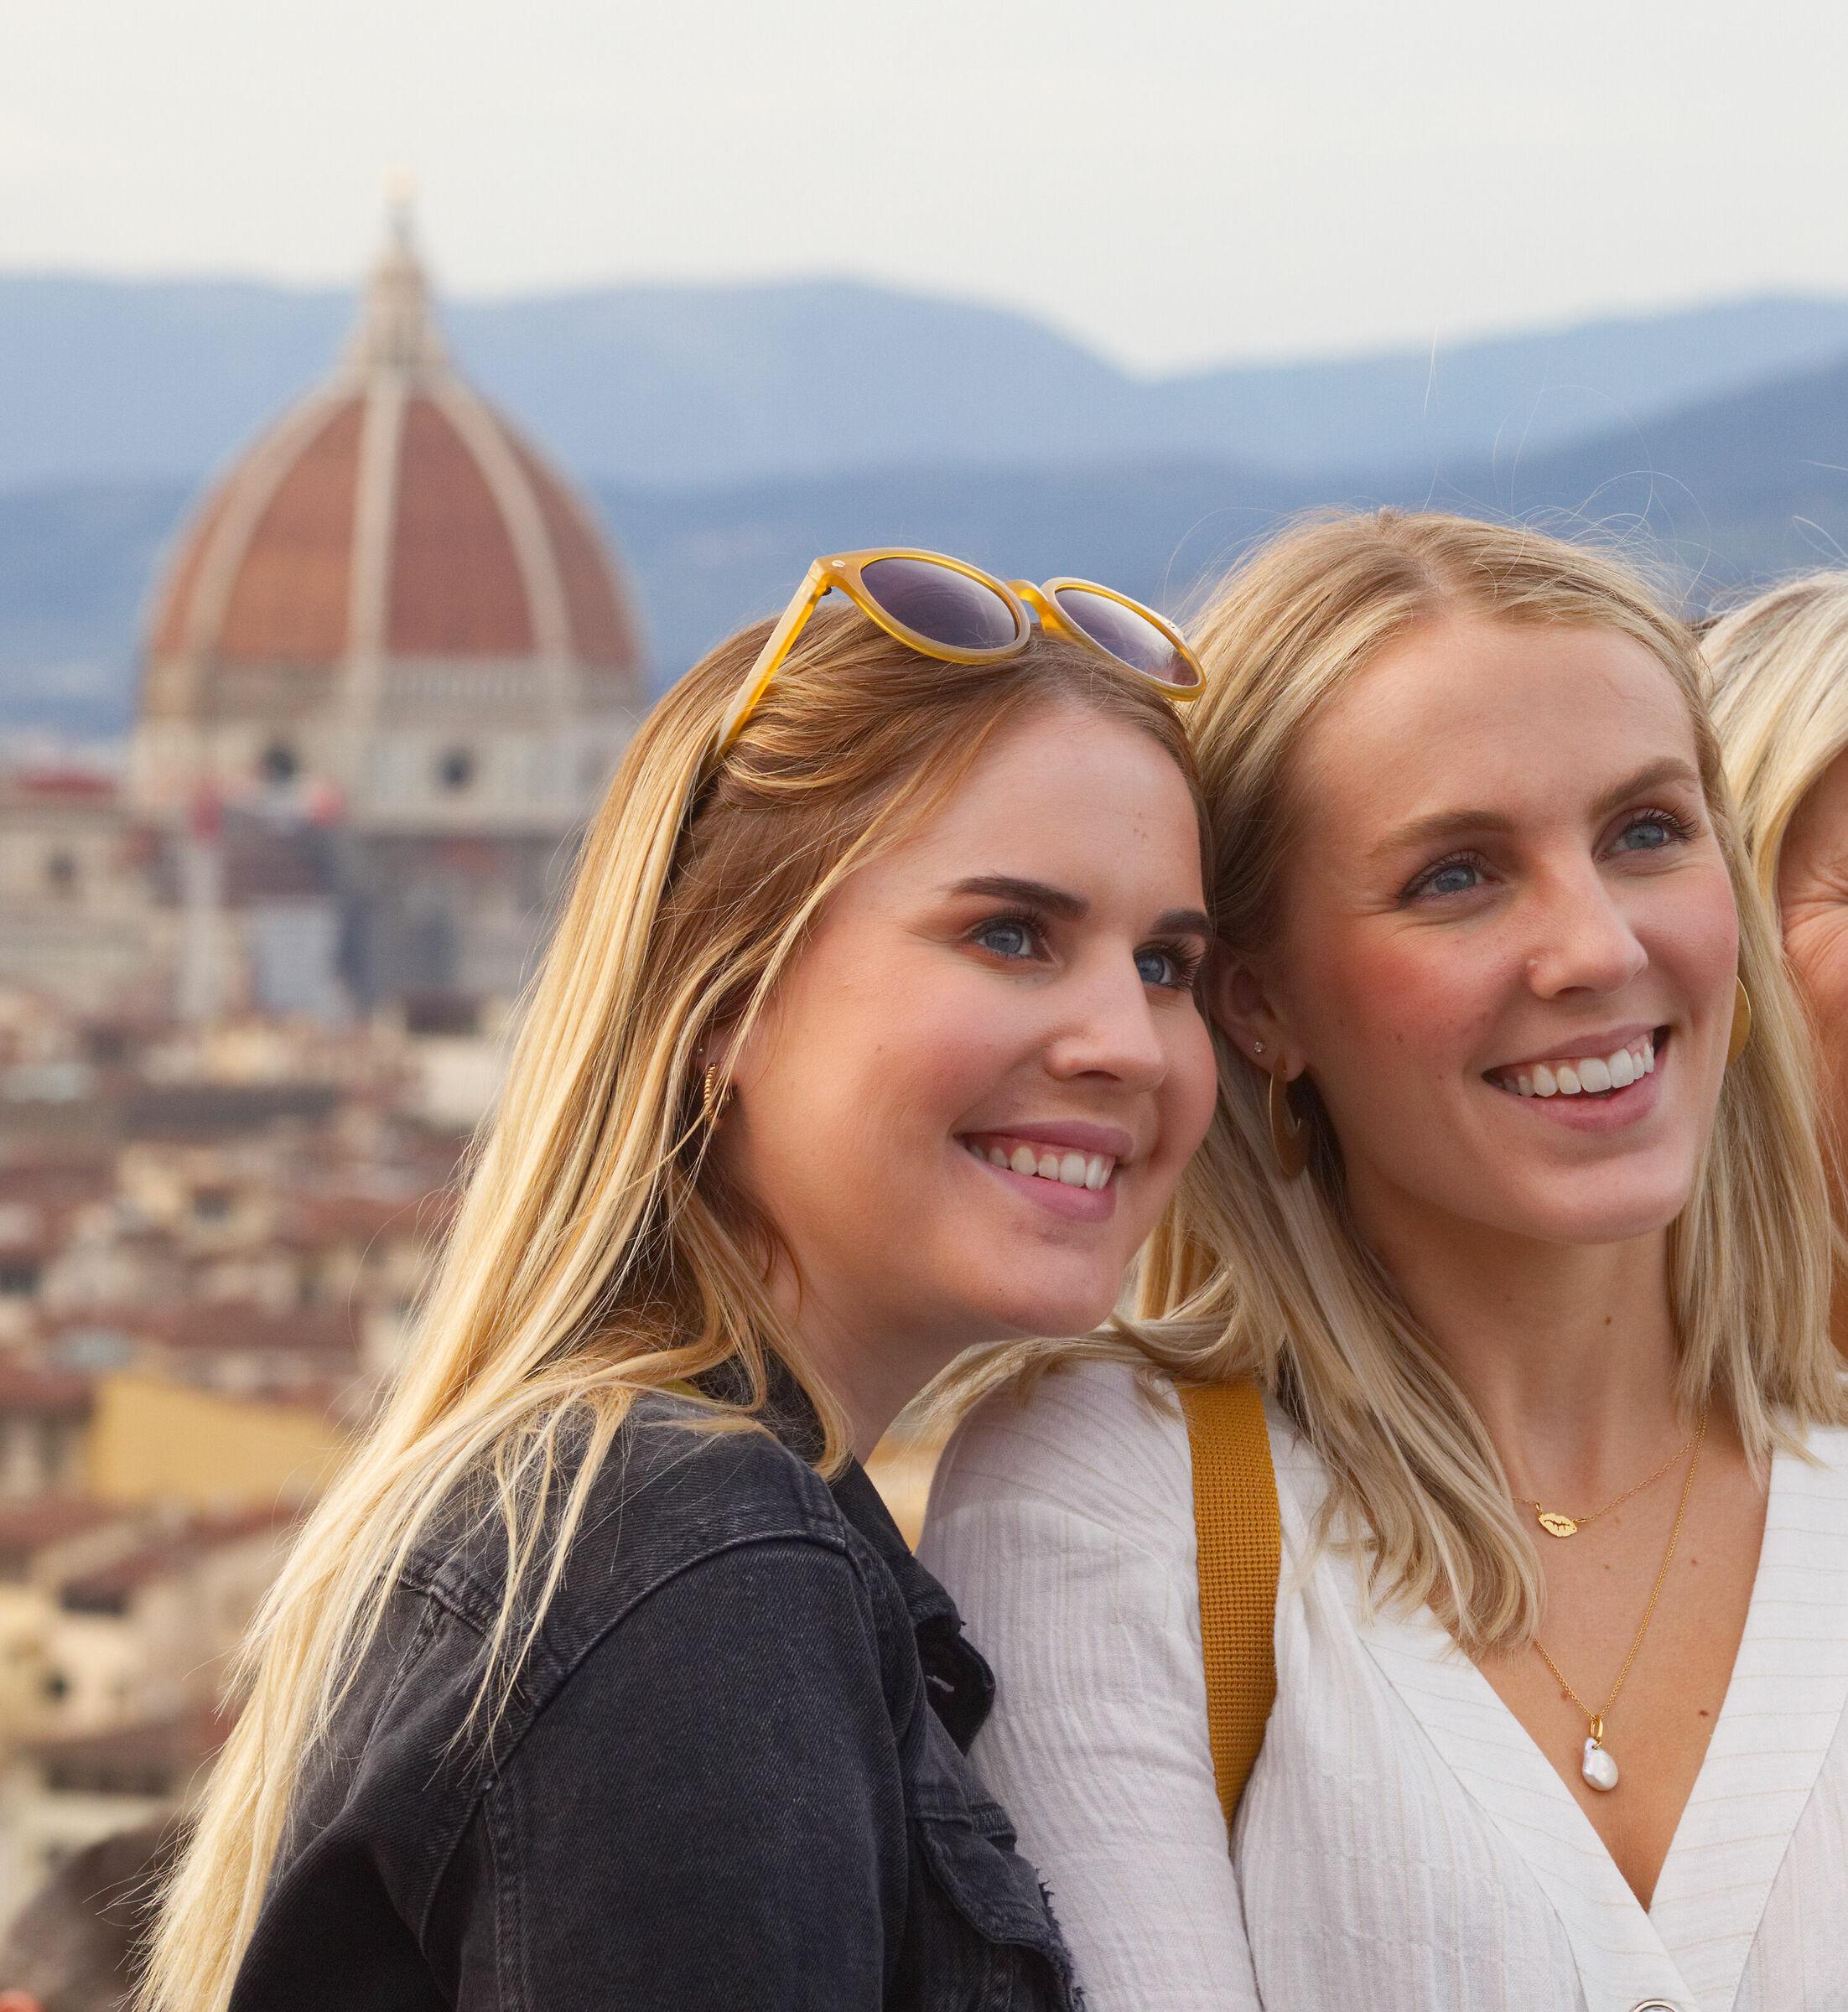 Un dolce ricordo di Firenze (2)...